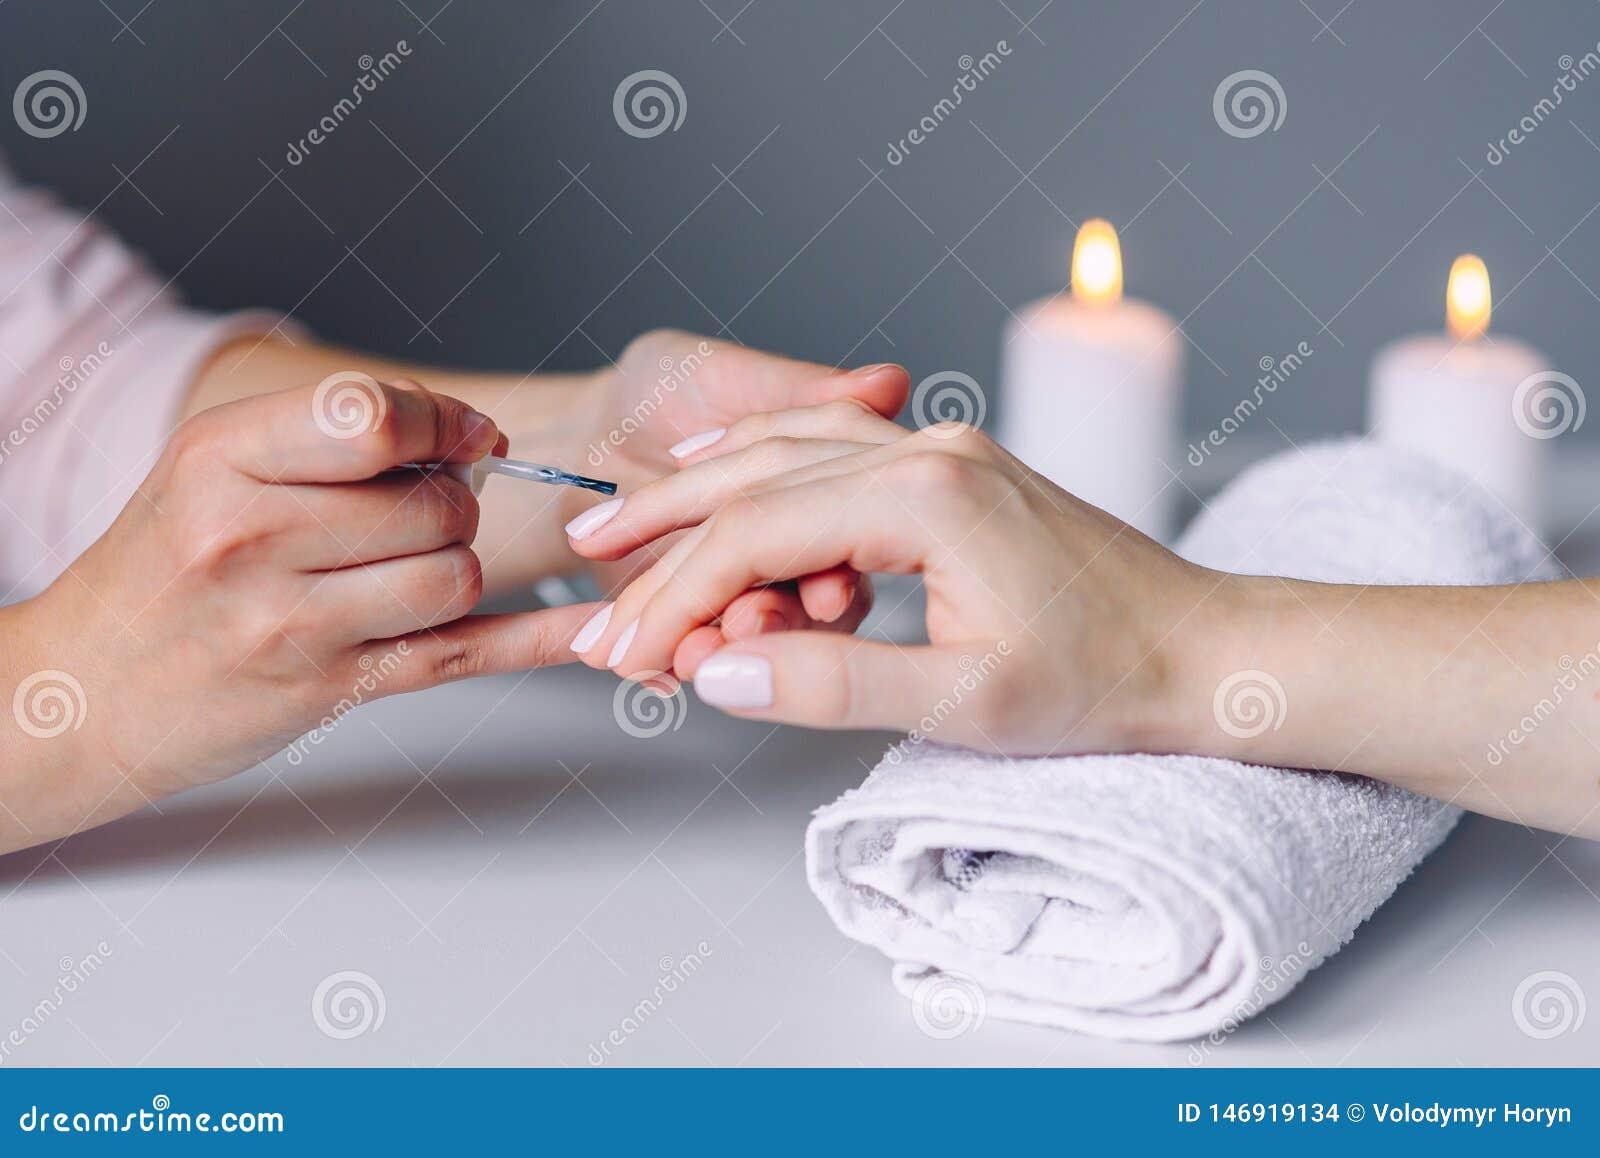 Προσοχή και μανικιούρ καρφιών E Καρφιά του πελάτη χρωμάτων χεριών μανικιουριστών